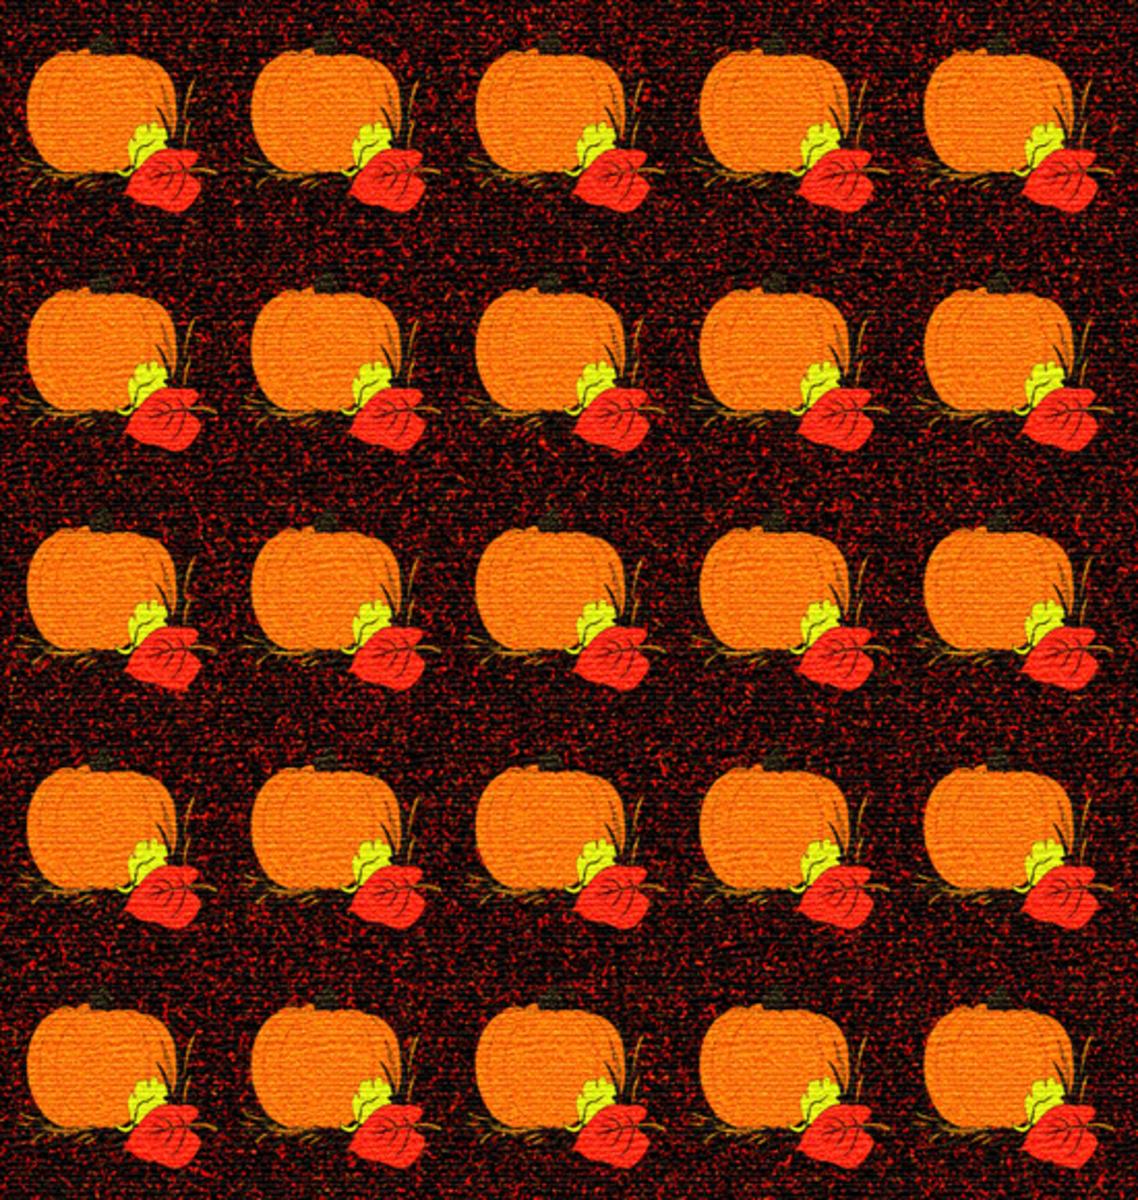 Fall harvest pumpkin pattern.